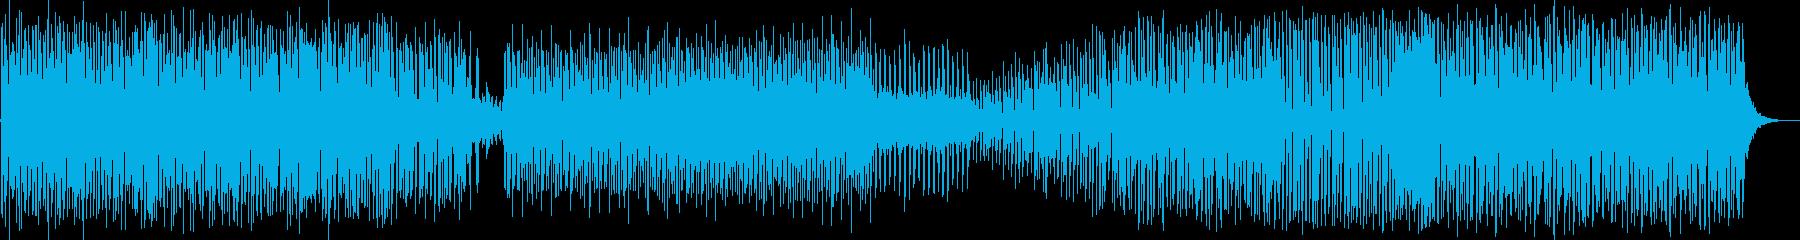 遅いトランス。の再生済みの波形